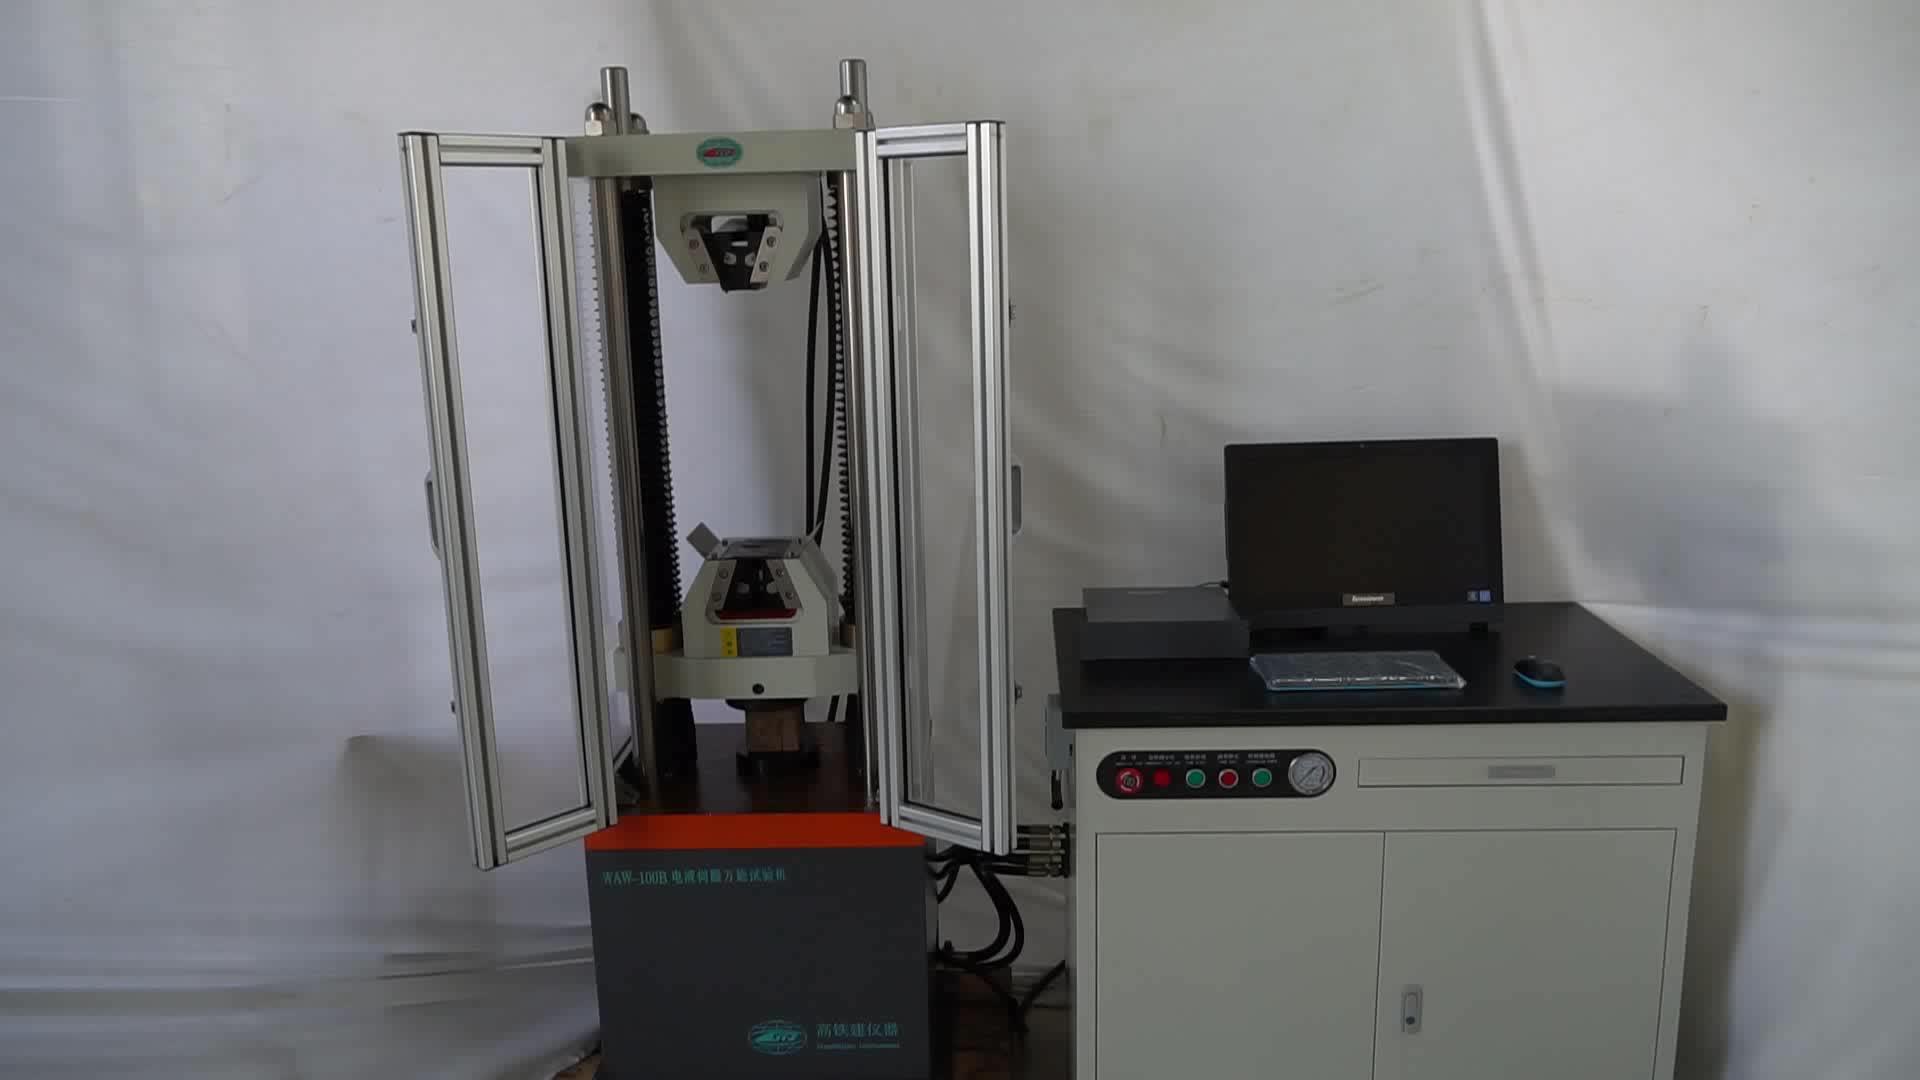 Universal ความแข็งแรงเดสก์ท็อปการทดสอบเครื่องจีนผู้ผลิตกันน้ำวัสดุ